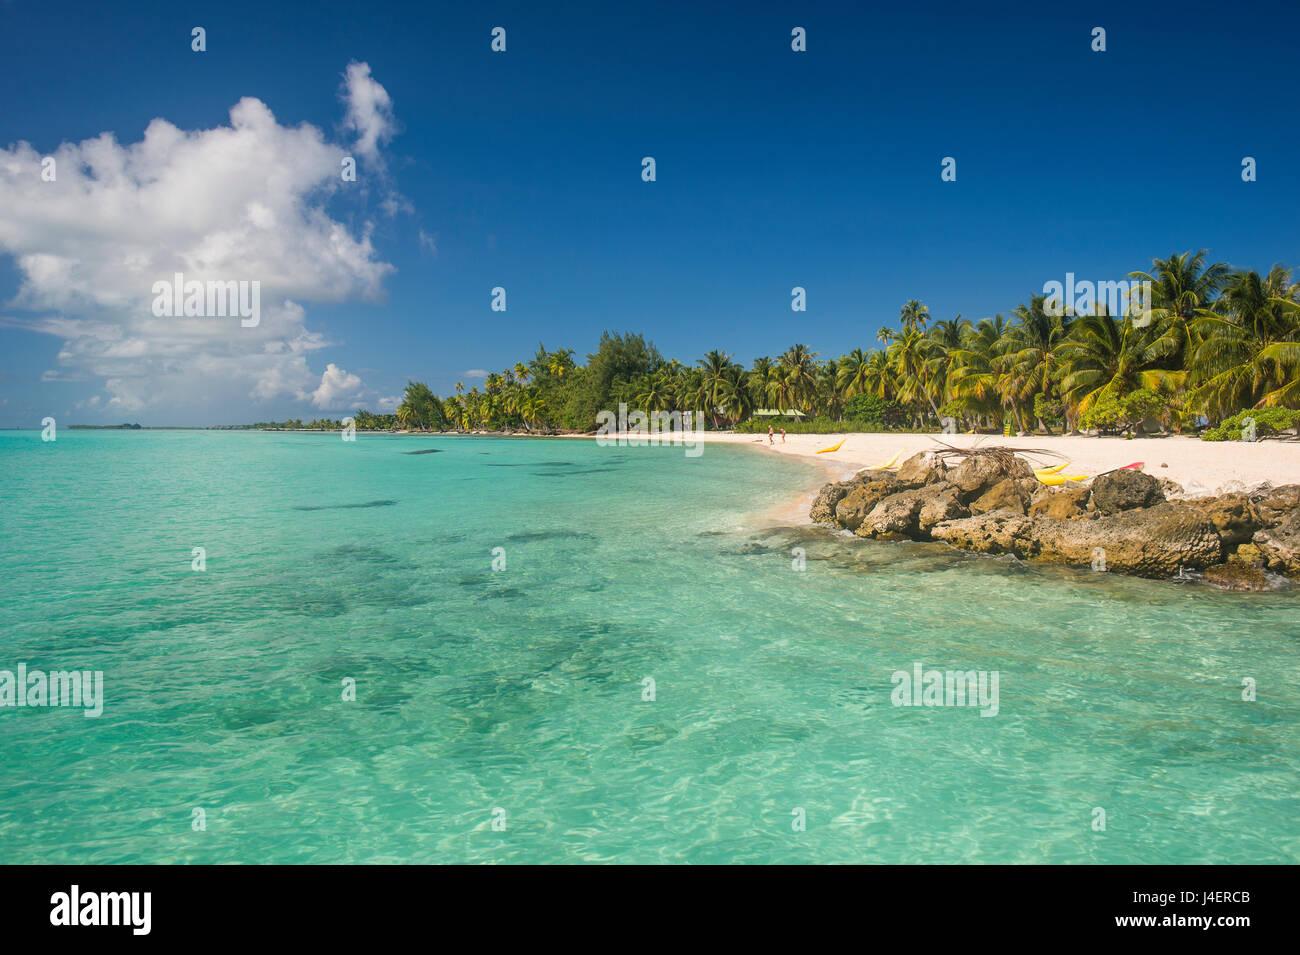 Hermosa playa de arena blanca bordeada por palmeras en las aguas turquesas de Tikehau, Tuamotus, Polinesia Francesa, Foto de stock